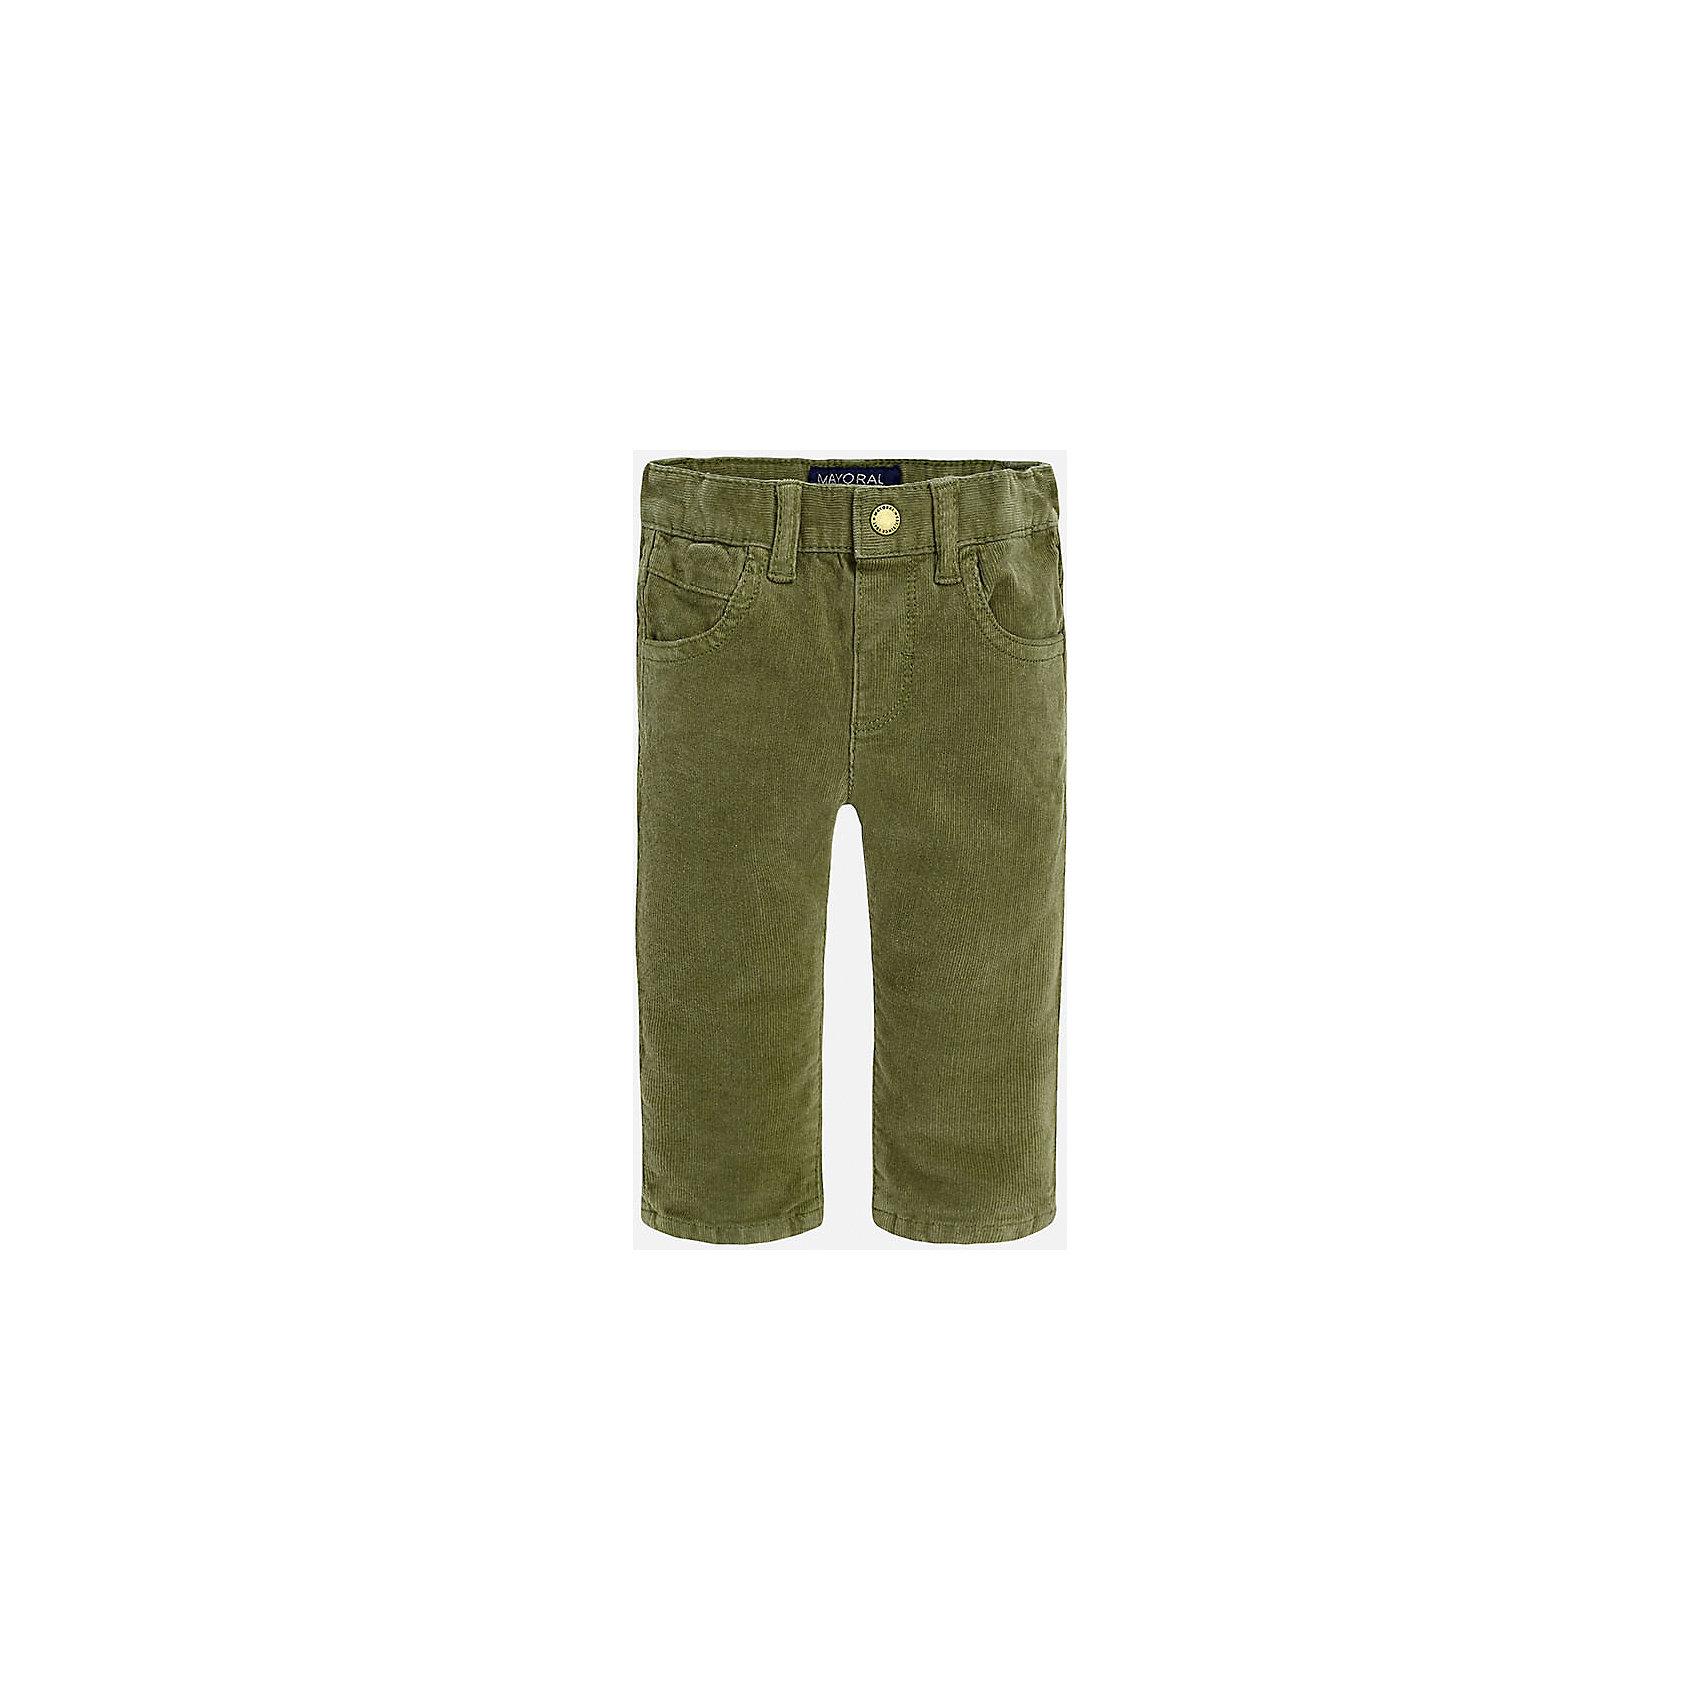 Брюки для мальчика MayoralДжинсы и брючки<br>Укороченные вельветовые брюки с зауженным кроем.<br><br>Дополнительная информация:<br><br>- Крой: зауженный крой (Slim Fit).<br>- Страна бренда: Испания.<br>- Состав: хлопок 98%, эластан 2%.<br>- Цвет: защитный.<br>- Уход: бережная стирка при 30 градусах.<br><br>Купить брюки для мальчика Mayoral можно в нашем магазине.<br><br>Ширина мм: 215<br>Глубина мм: 88<br>Высота мм: 191<br>Вес г: 336<br>Цвет: хаки<br>Возраст от месяцев: 18<br>Возраст до месяцев: 24<br>Пол: Мужской<br>Возраст: Детский<br>Размер: 92,74,80,86<br>SKU: 4826610